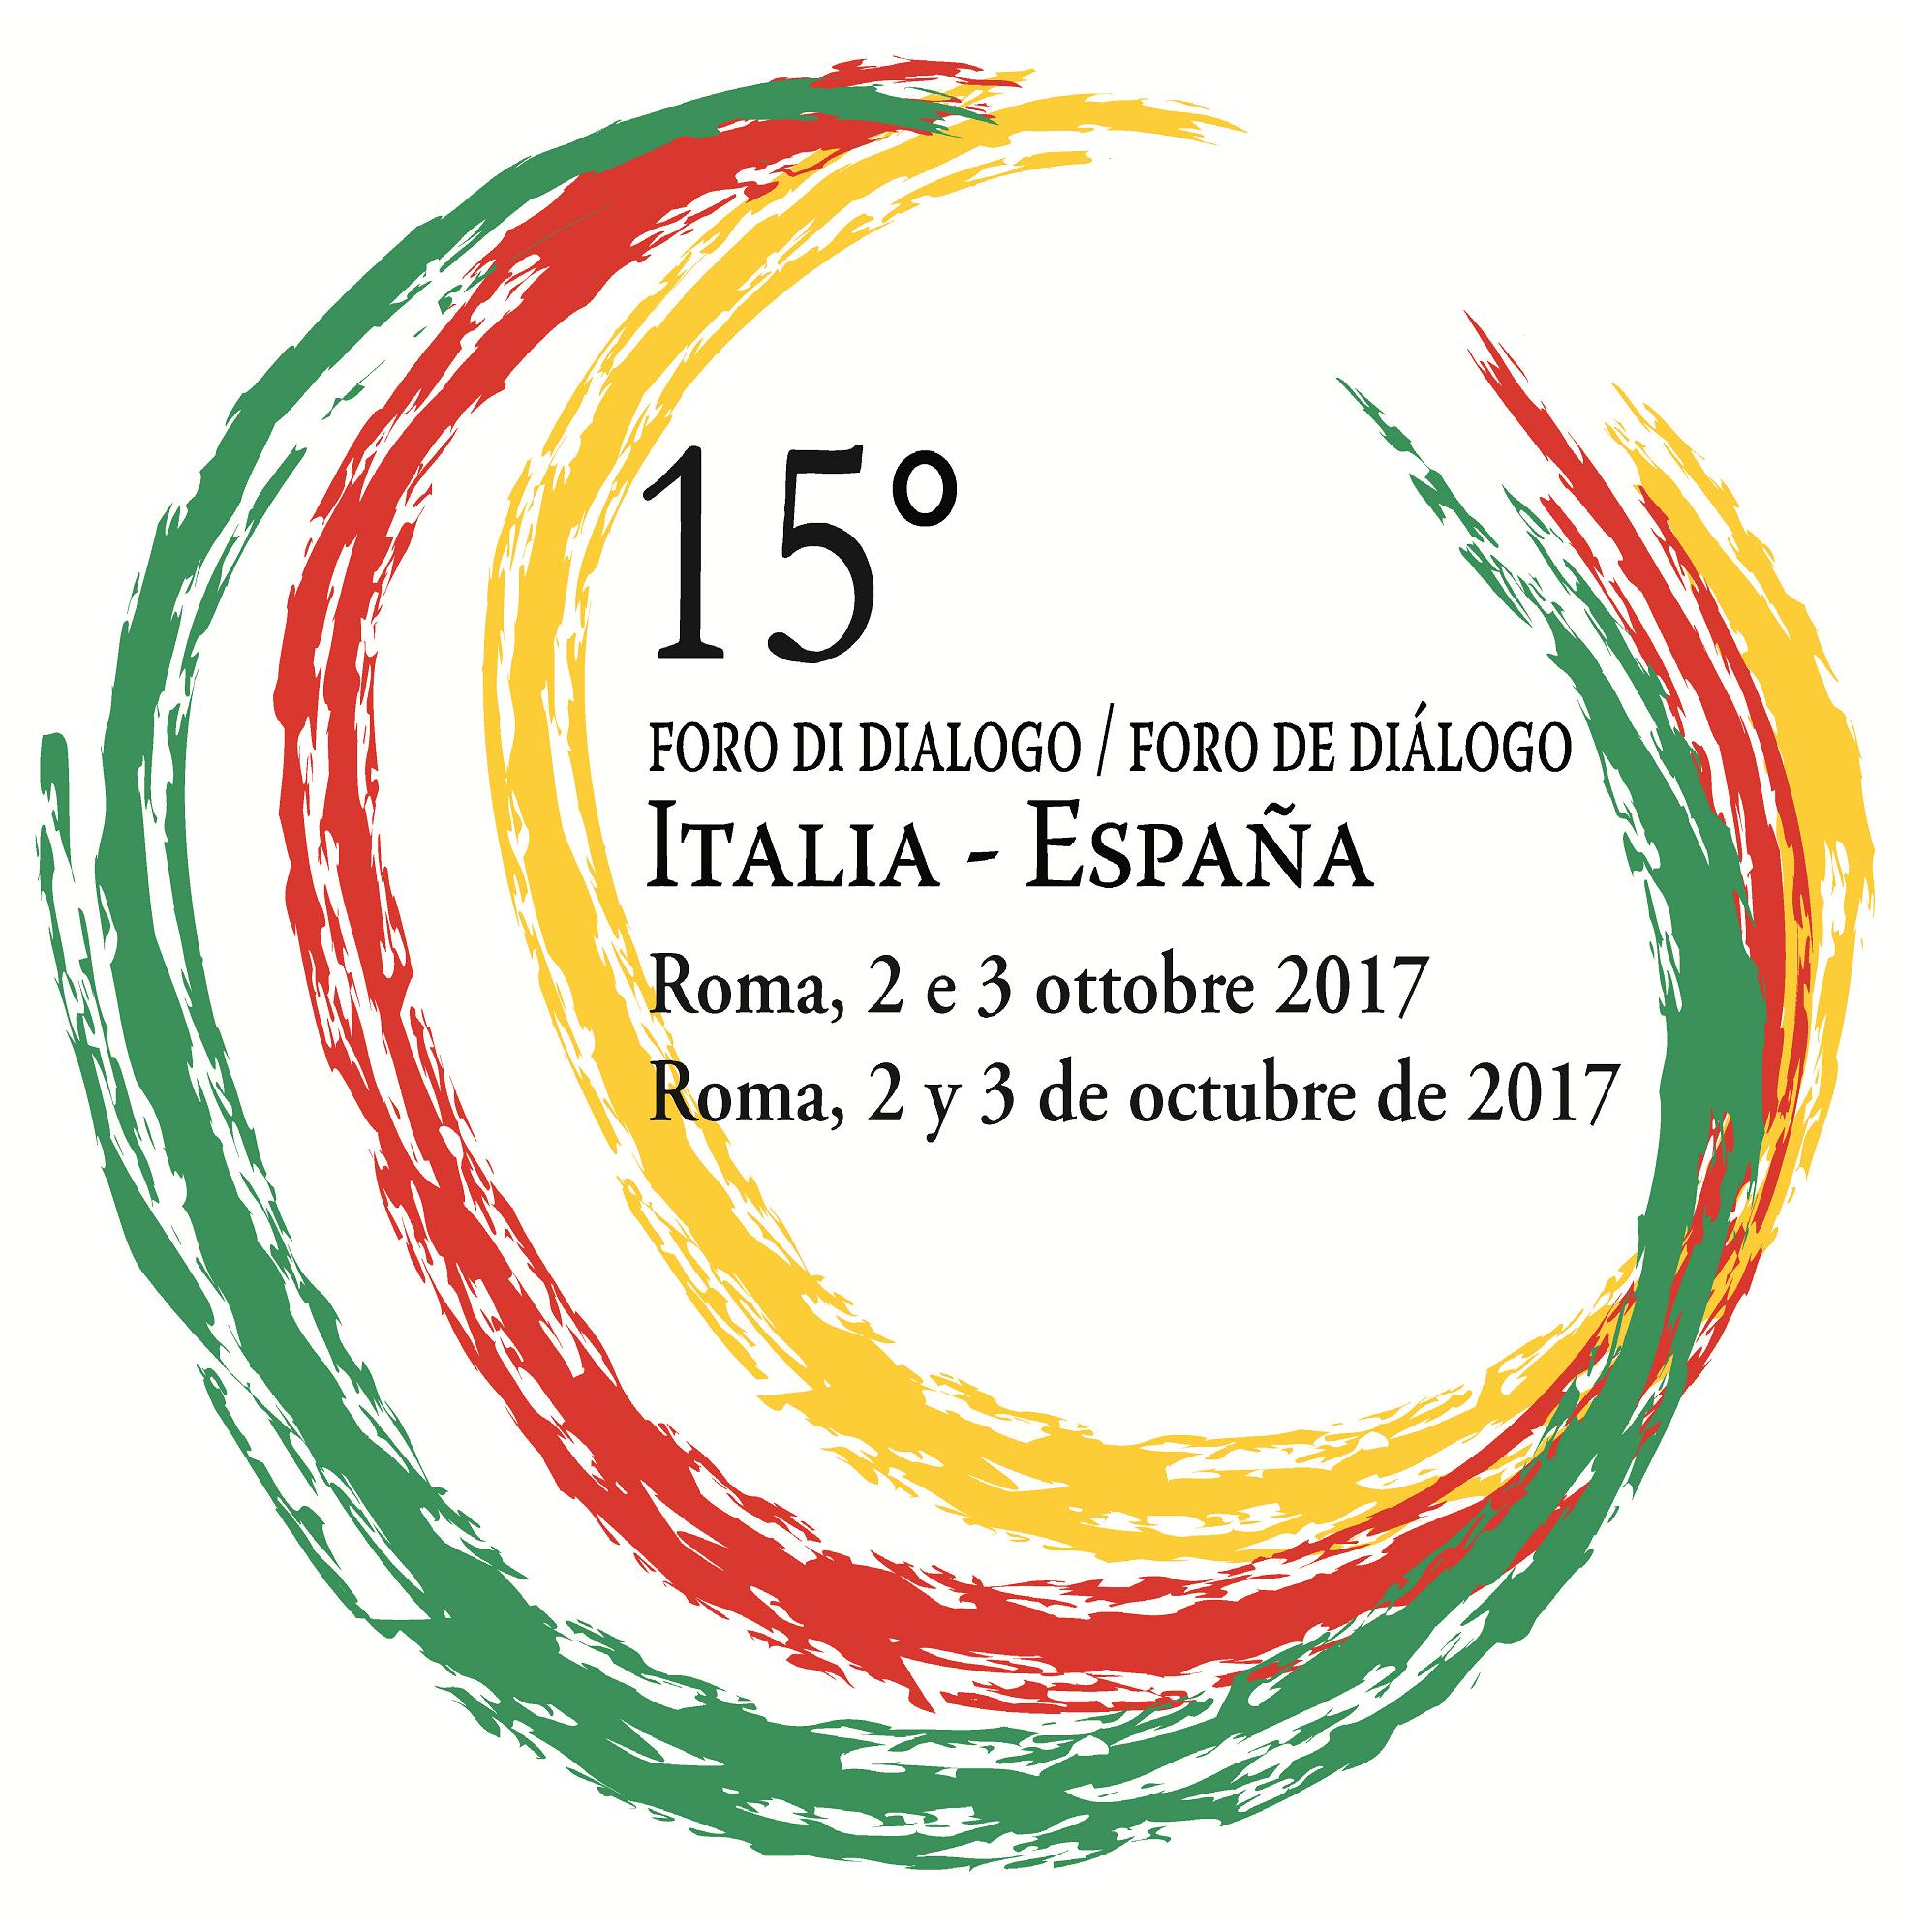 XV Foro di dialogo Italia